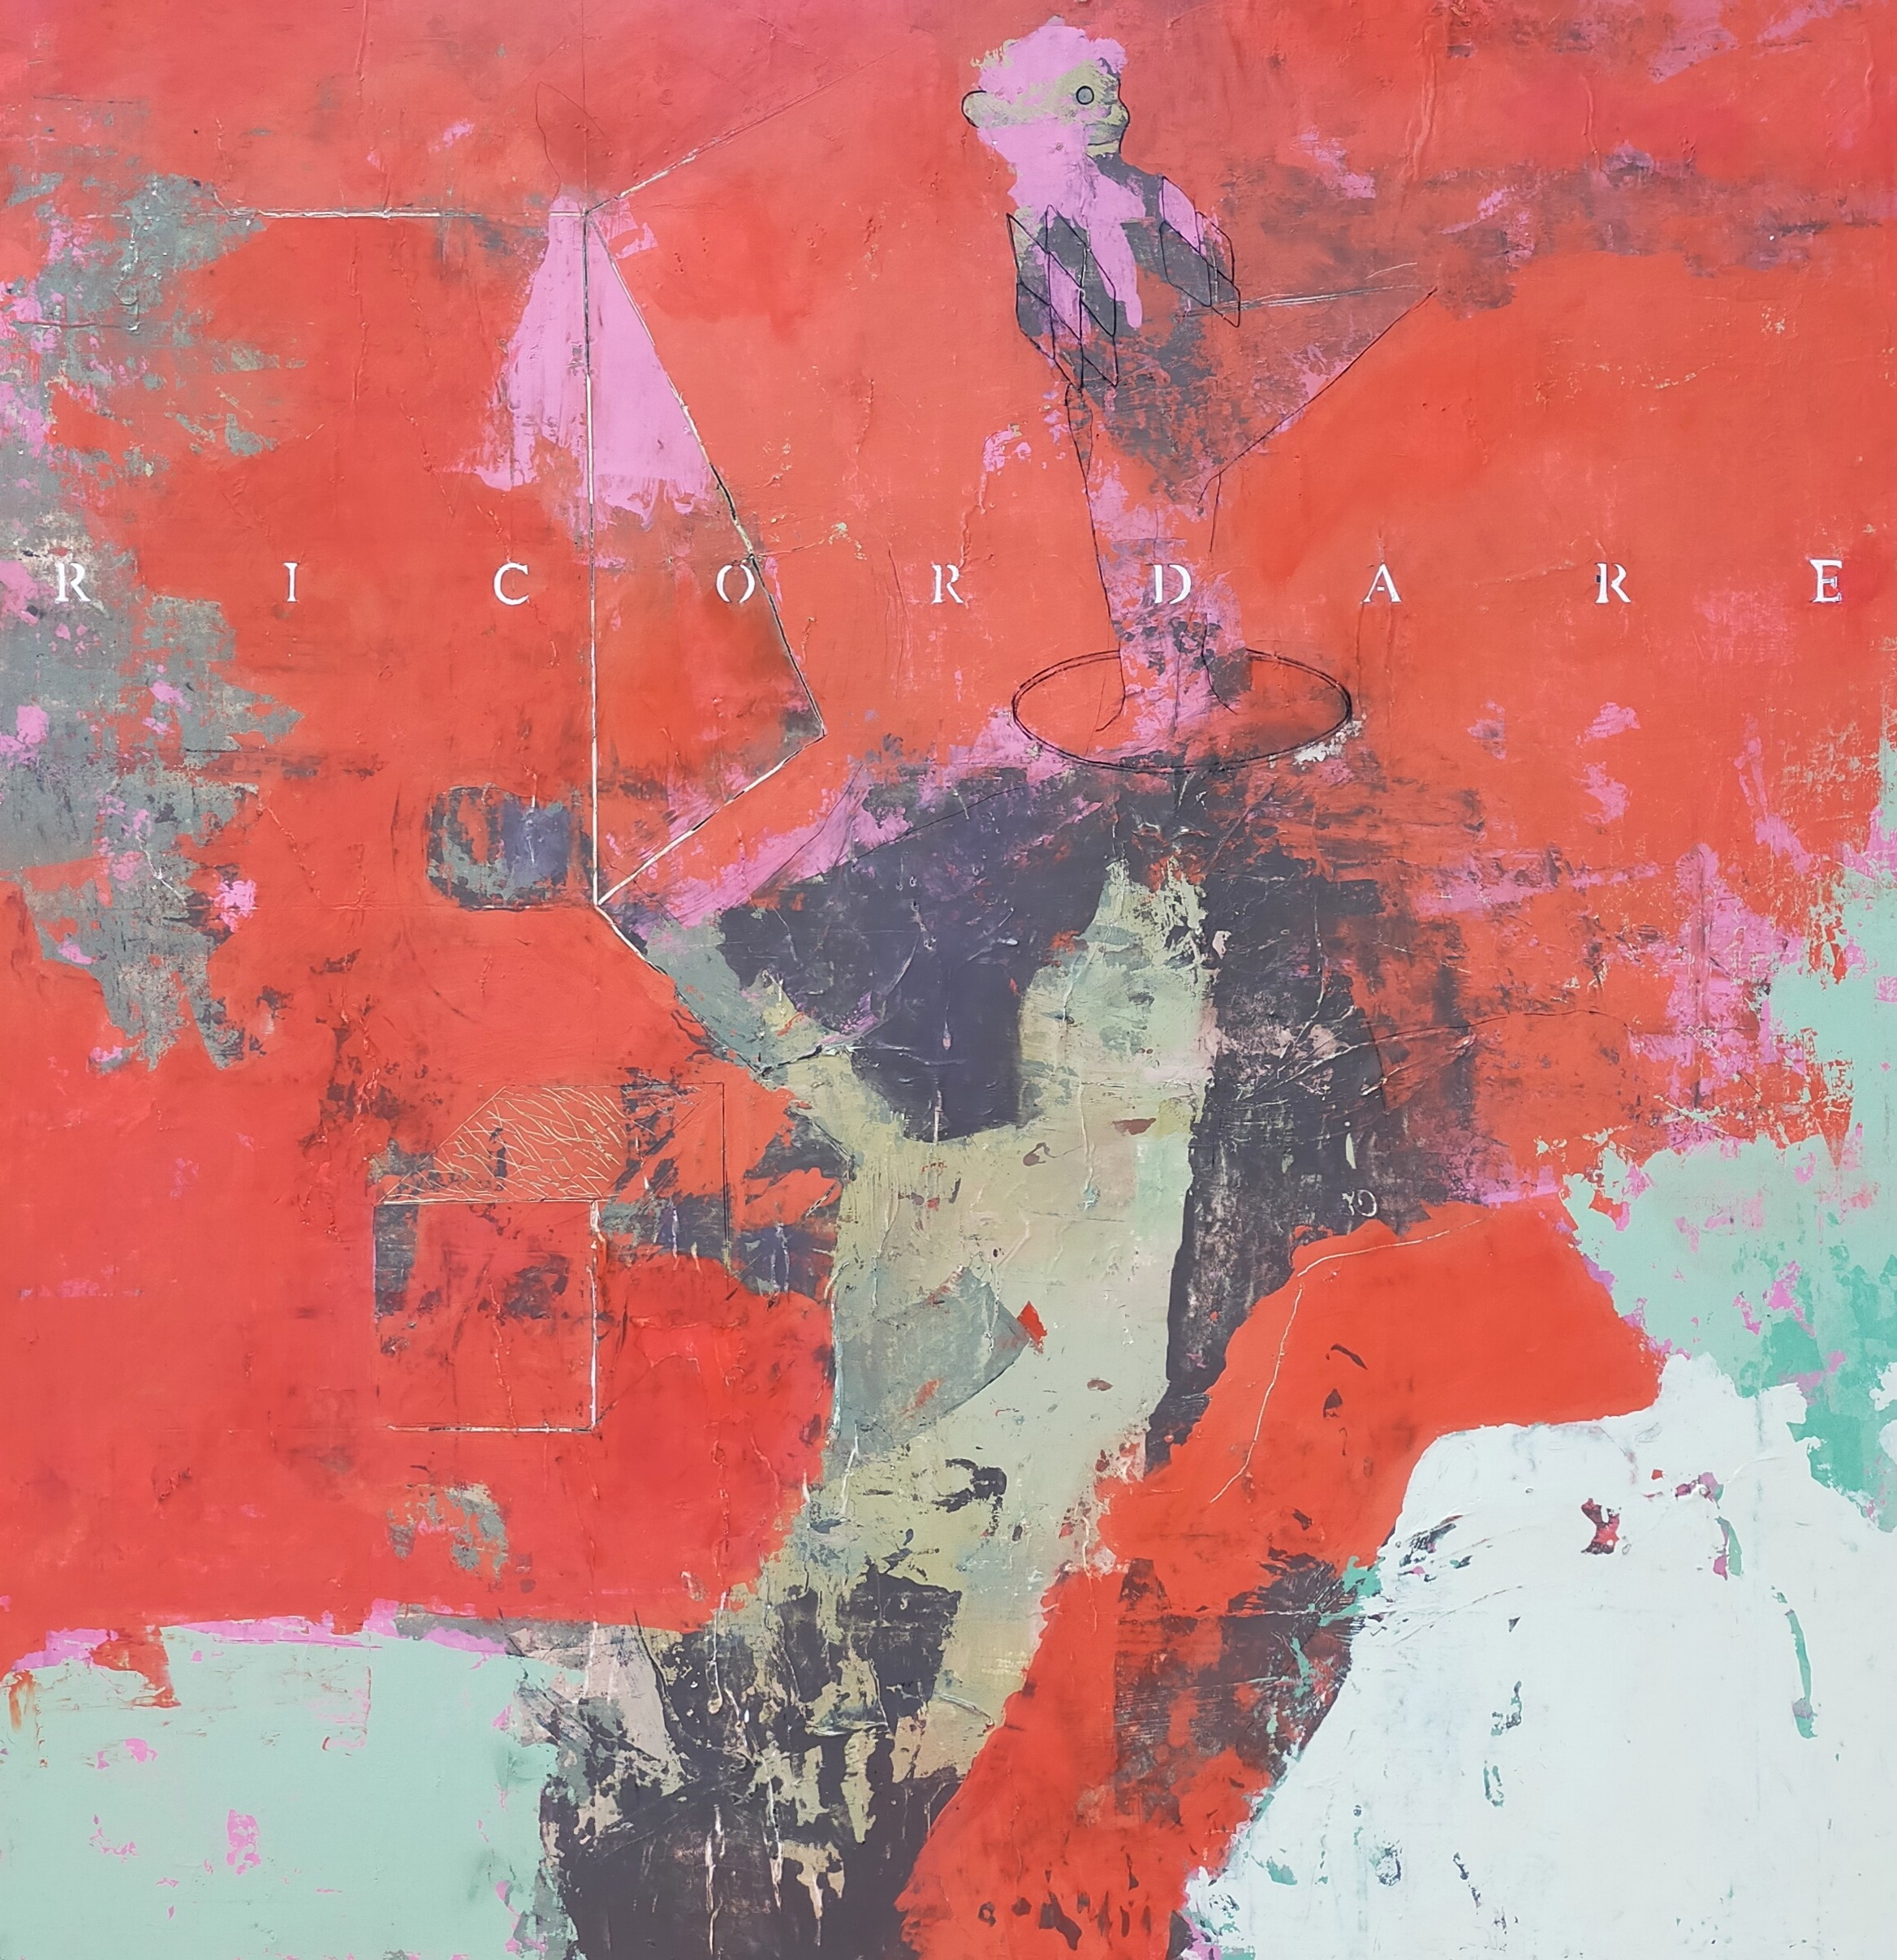 peinture acrylique sur bois rouge et avec des personnages de philippe croq